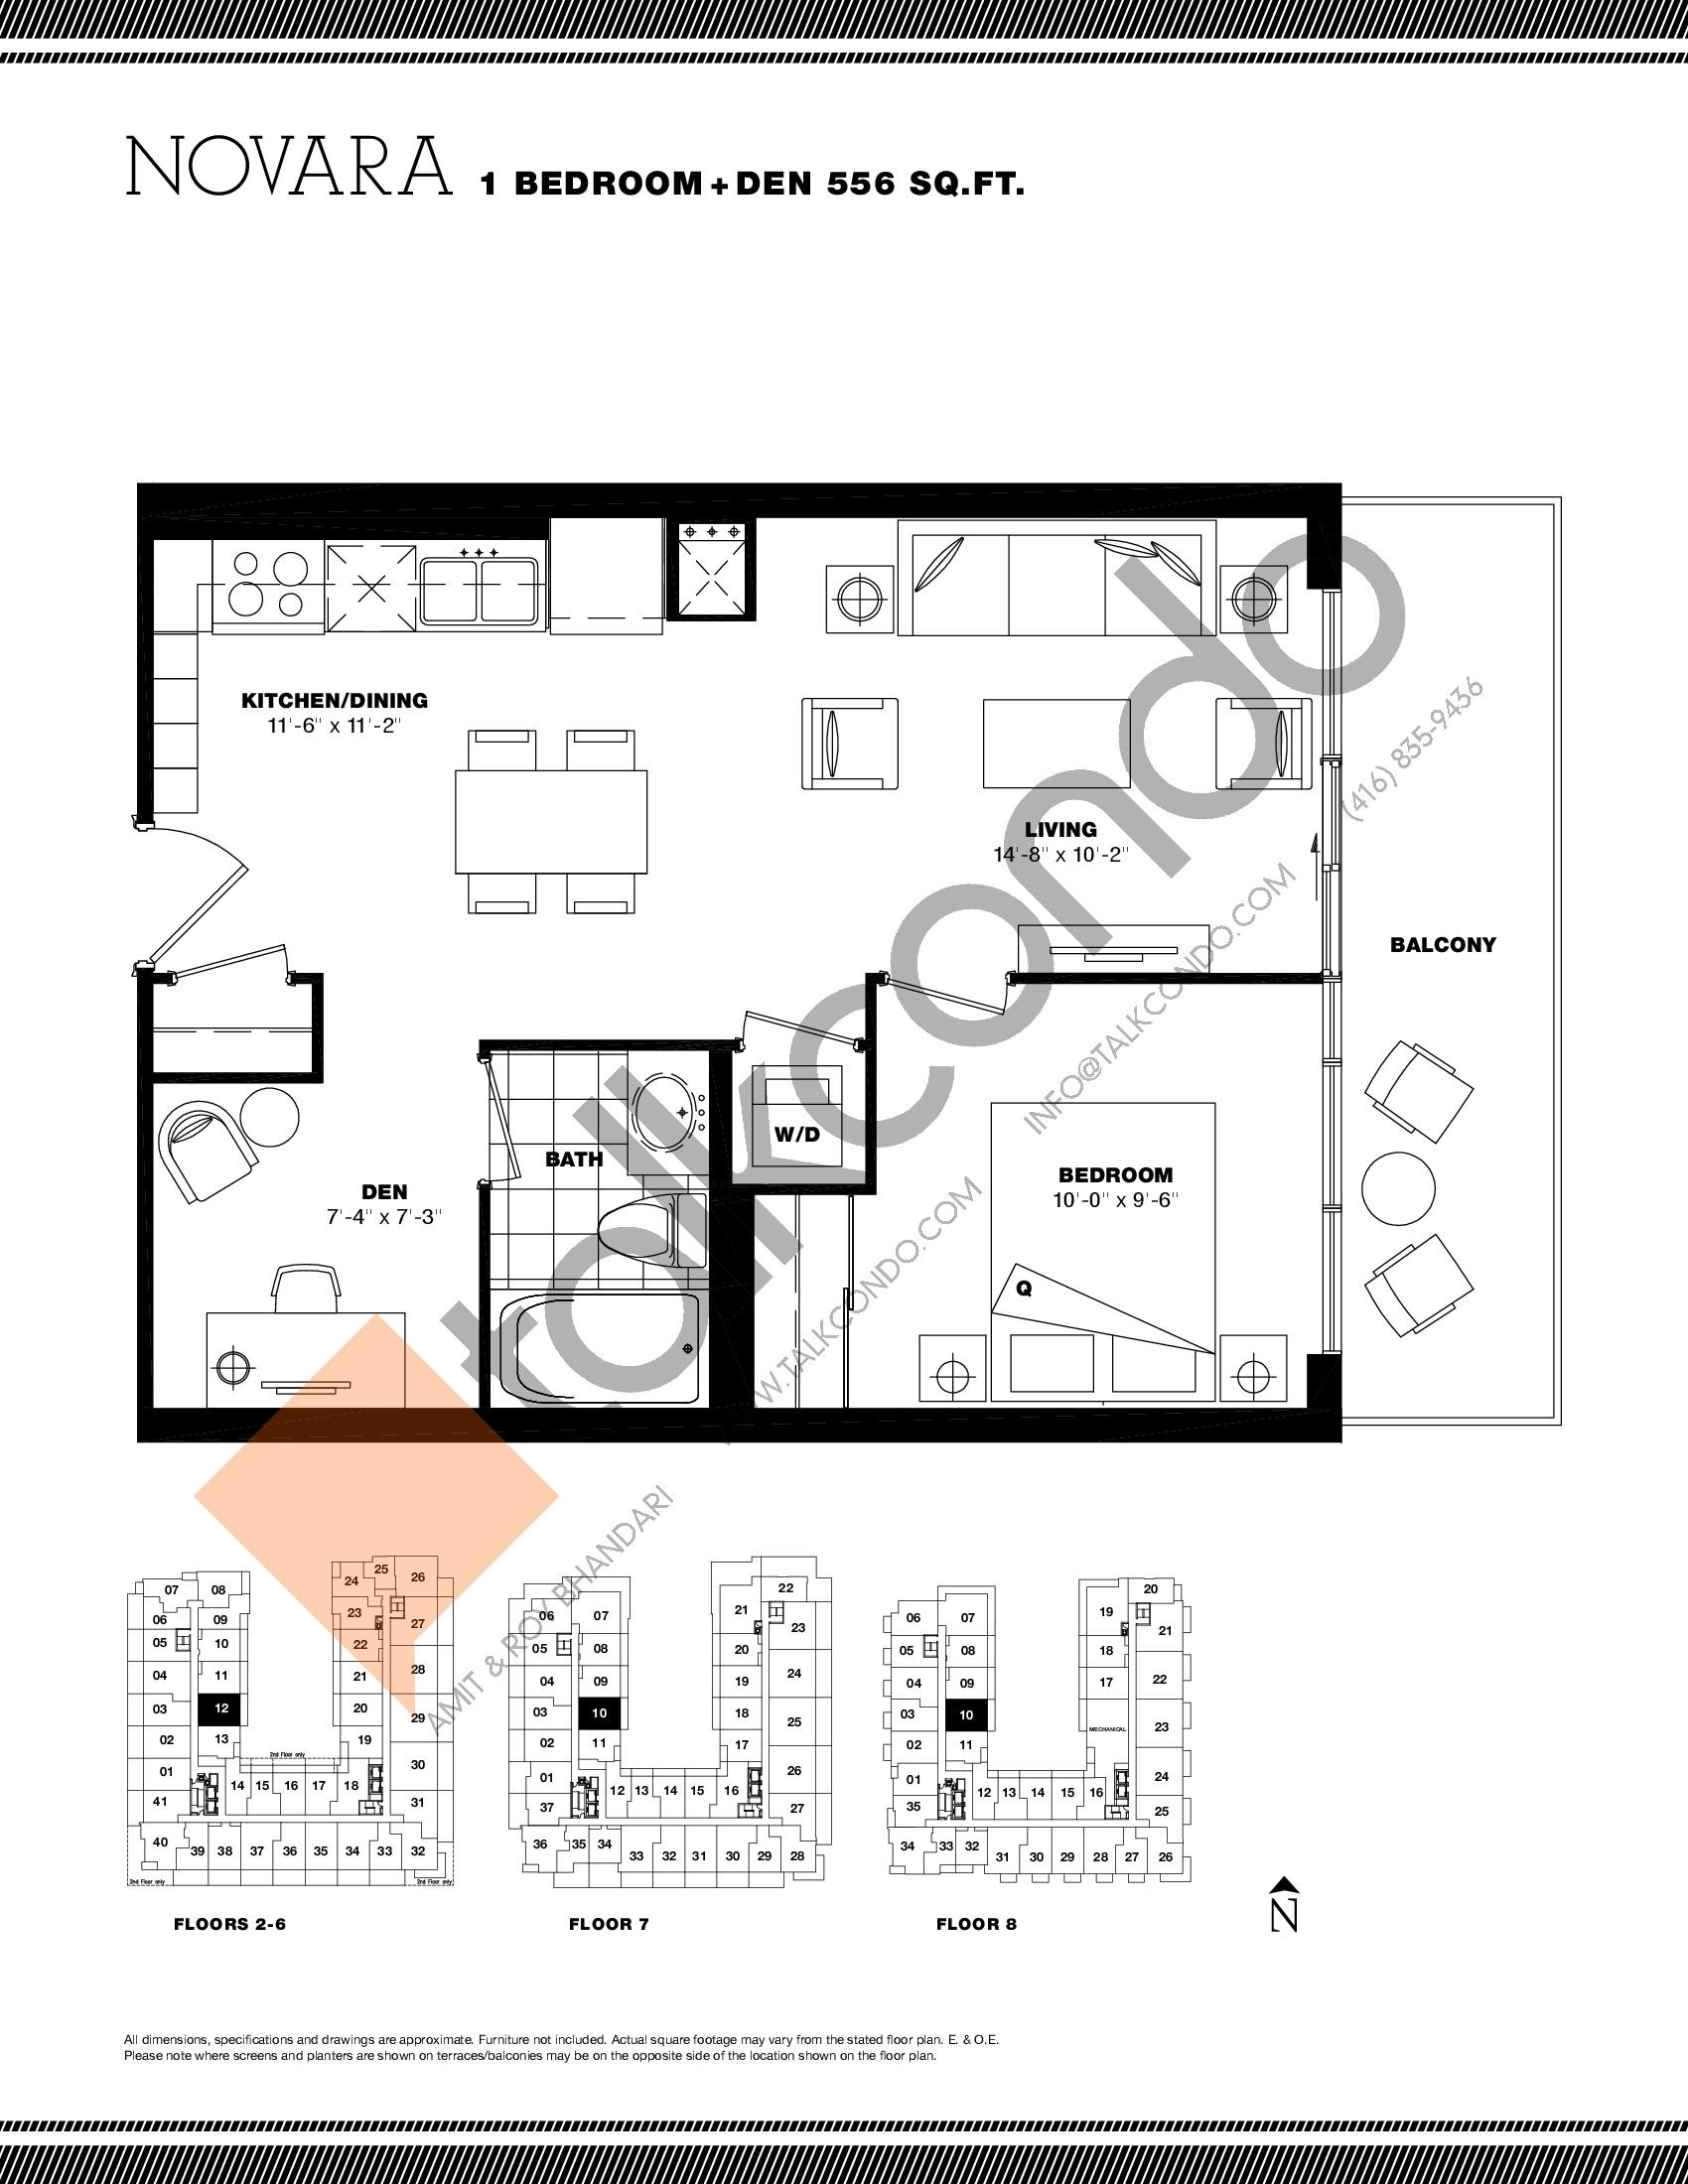 Novara Floor Plan at Residenze Palazzo at Treviso 3 Condos - 556 sq.ft